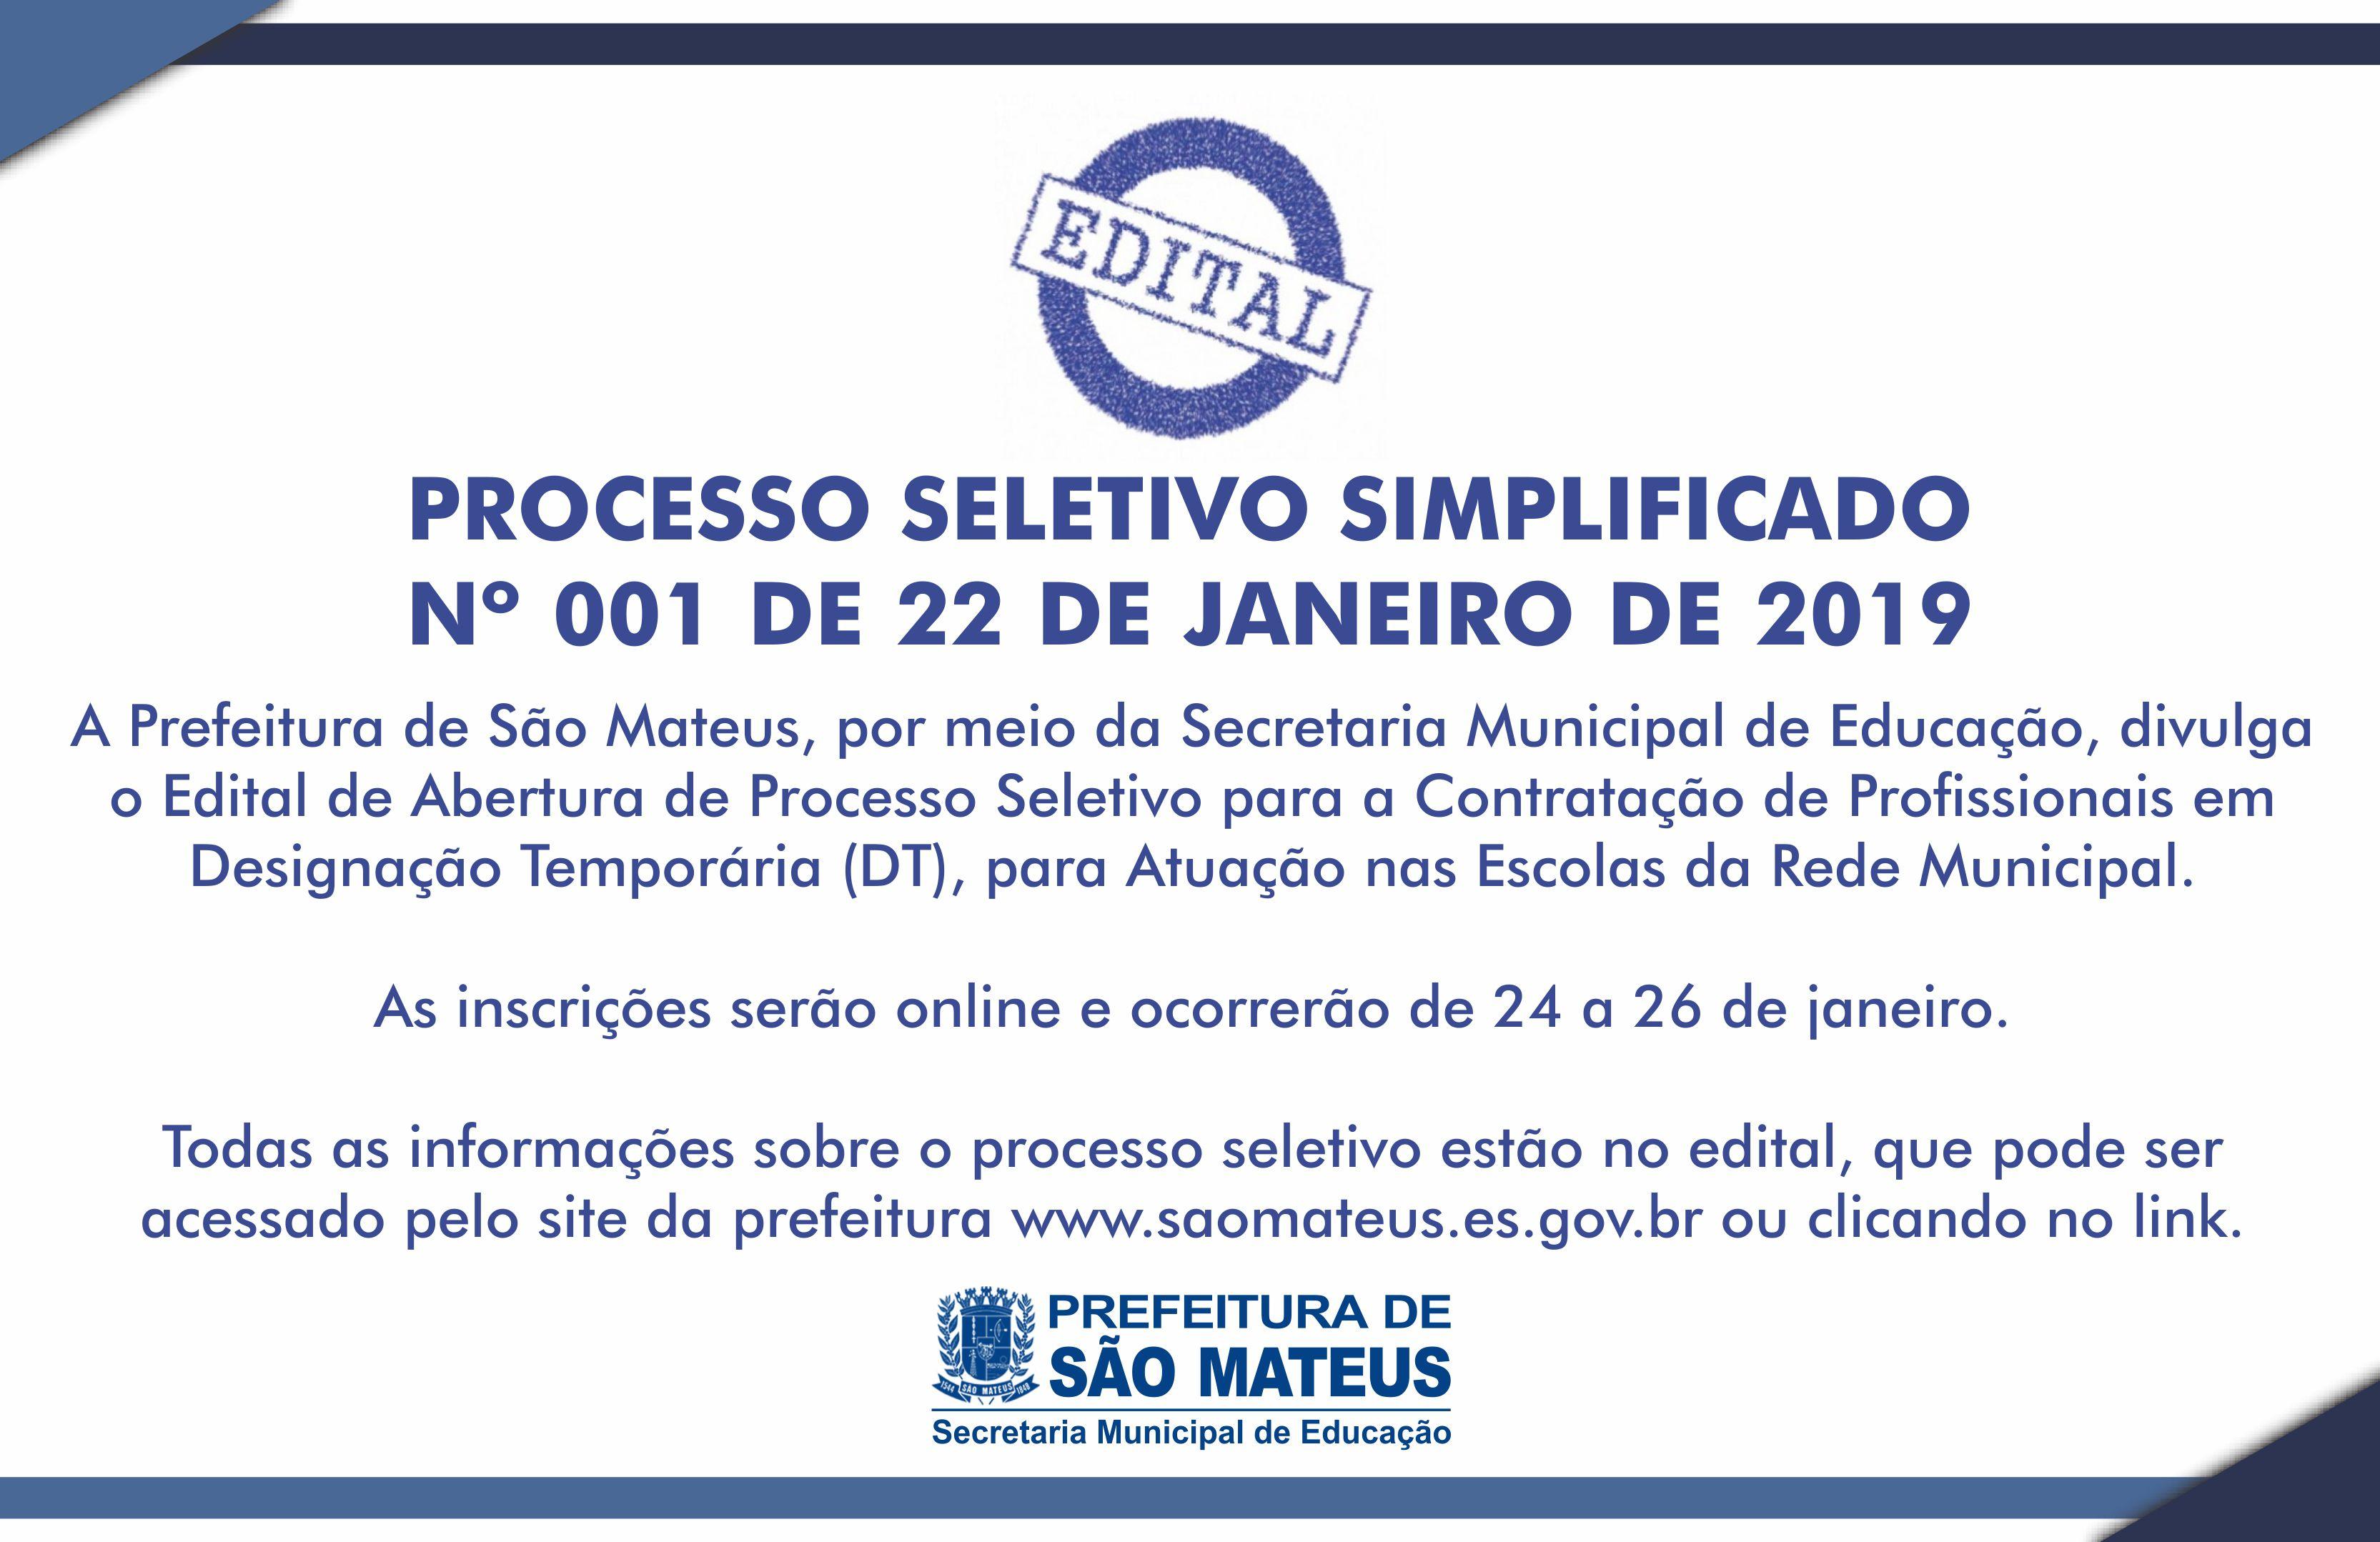 PMSM Divulga o Edital de Processo Seletivo Simplificado Nº 001 de 22 de Janeiro de 2019